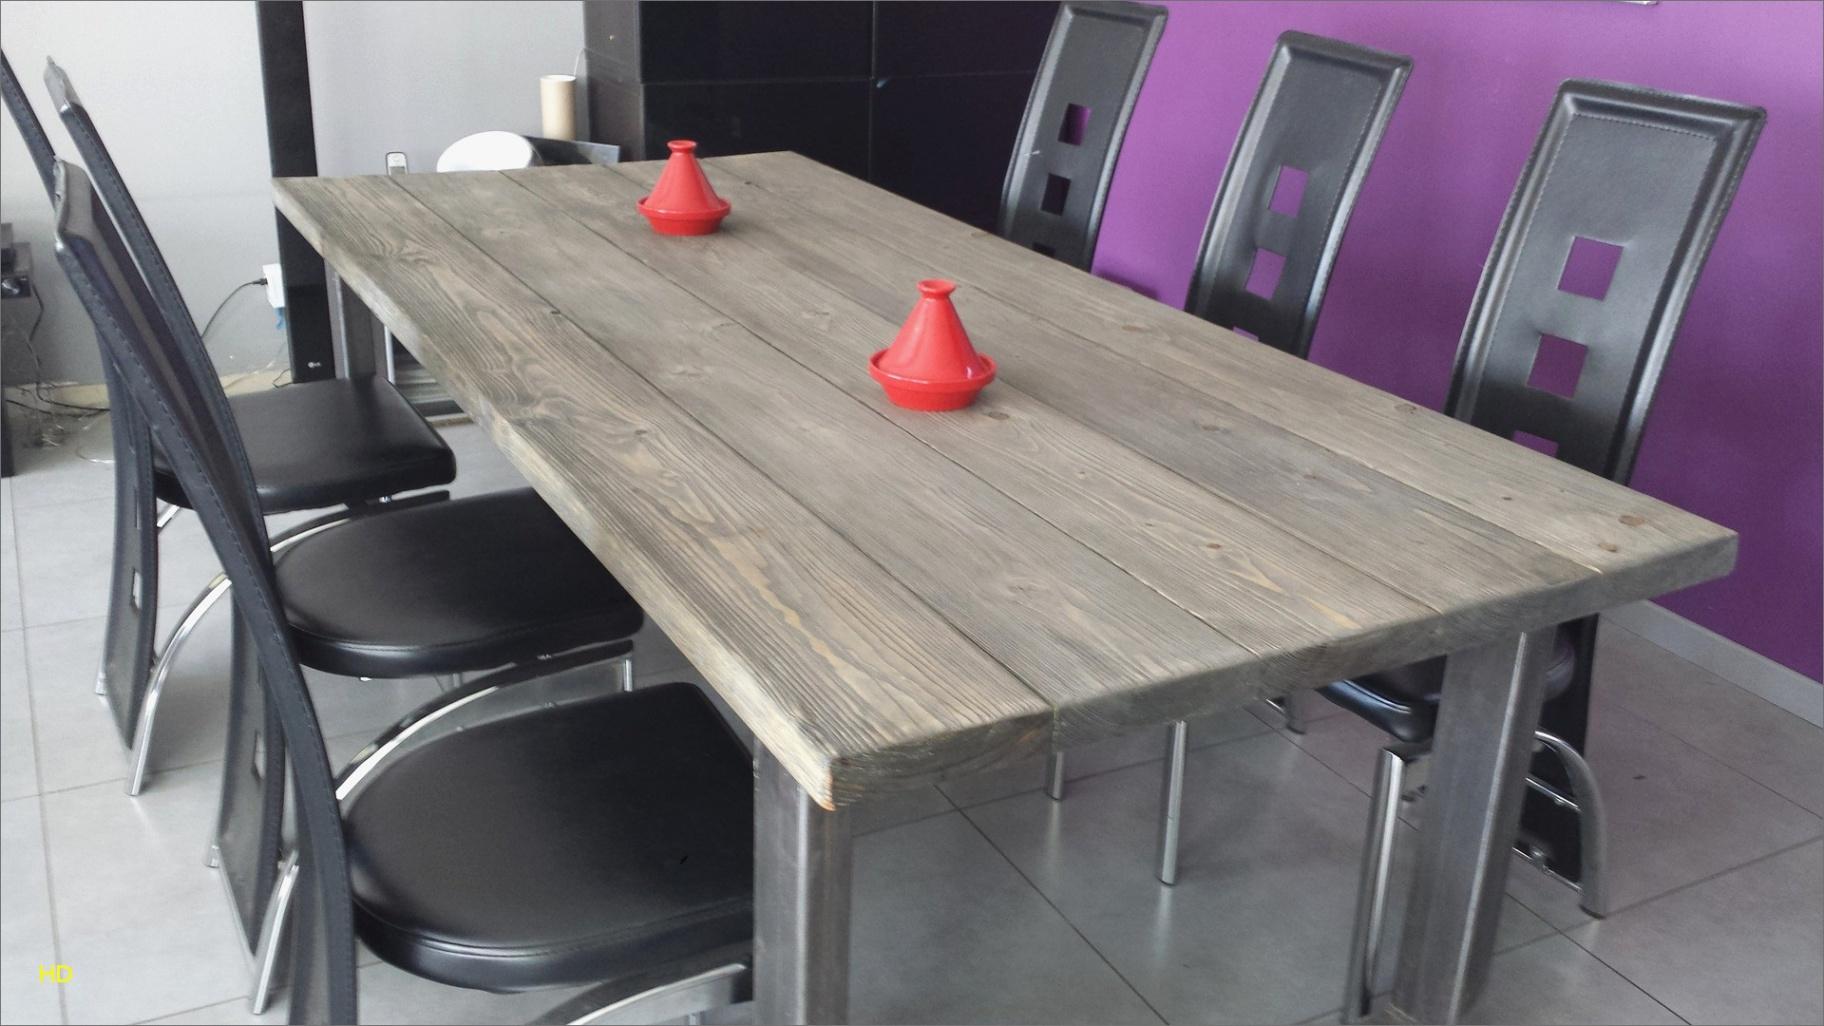 Table Carree 8 Personnes Salle À Manger Beau Résultat ... avec Table De Jardin Carrée 8 Personnes